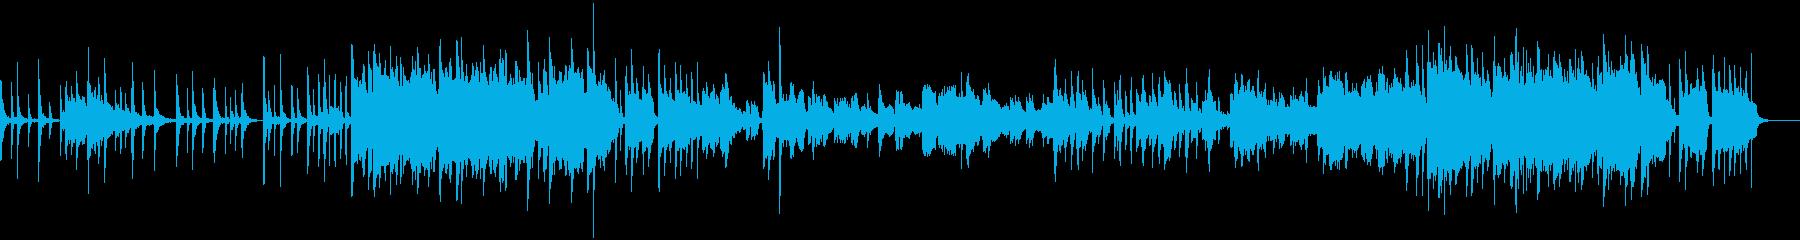 おしゃれの紹介ビデオ用の再生済みの波形